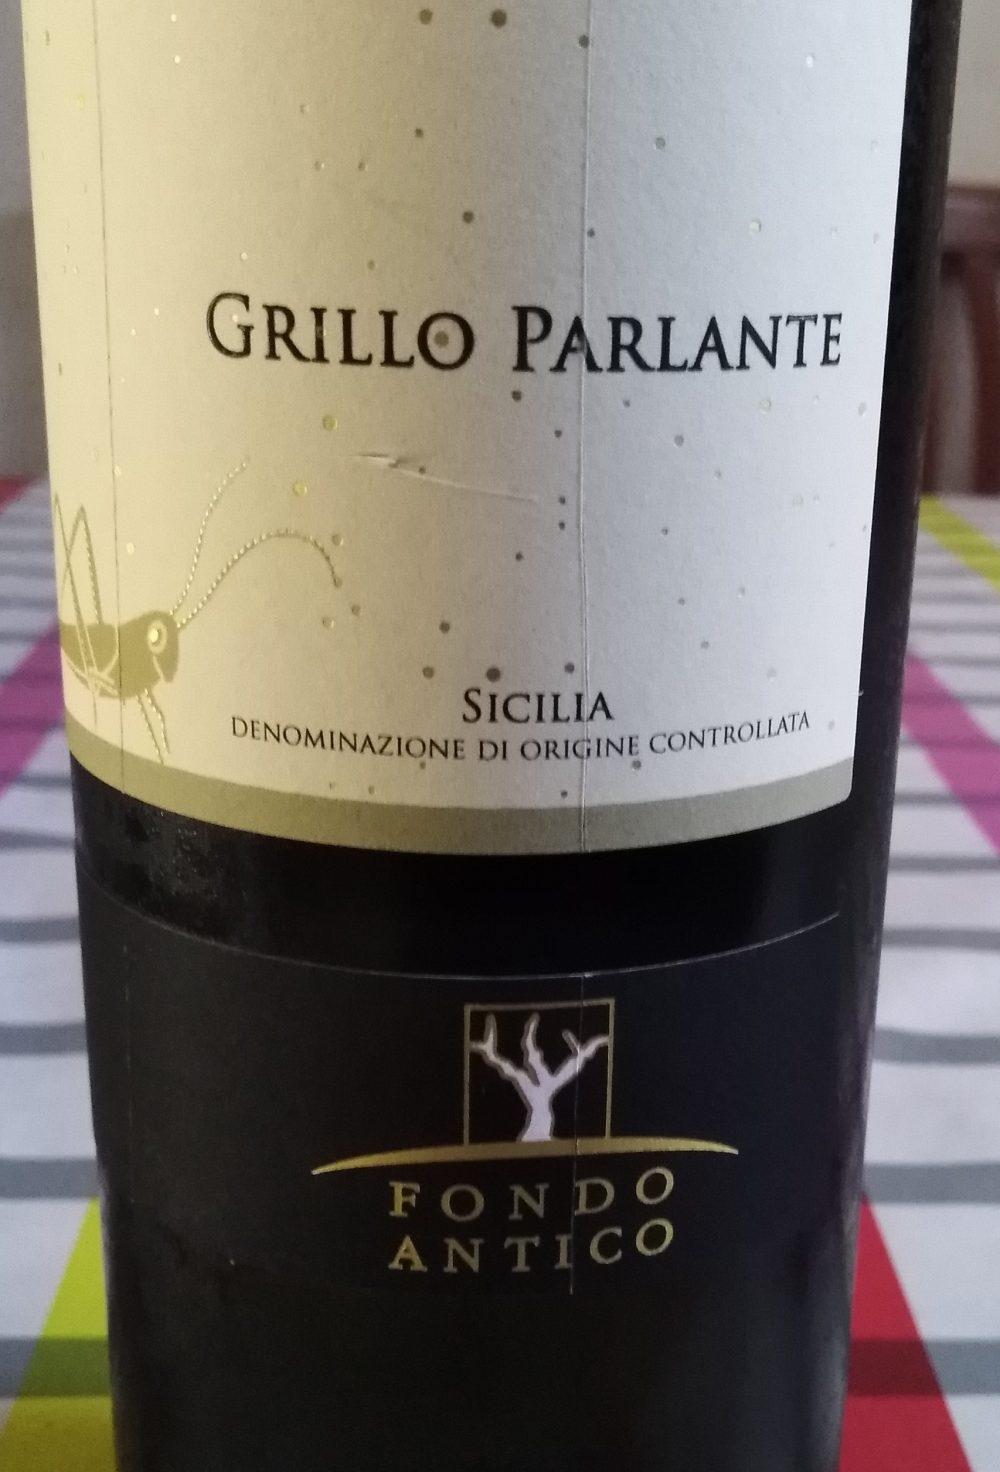 Grillo Parlante Bianco Sicilia Doc 2017 Fondo Antico Vino vincitore a Radici del Sud 2018